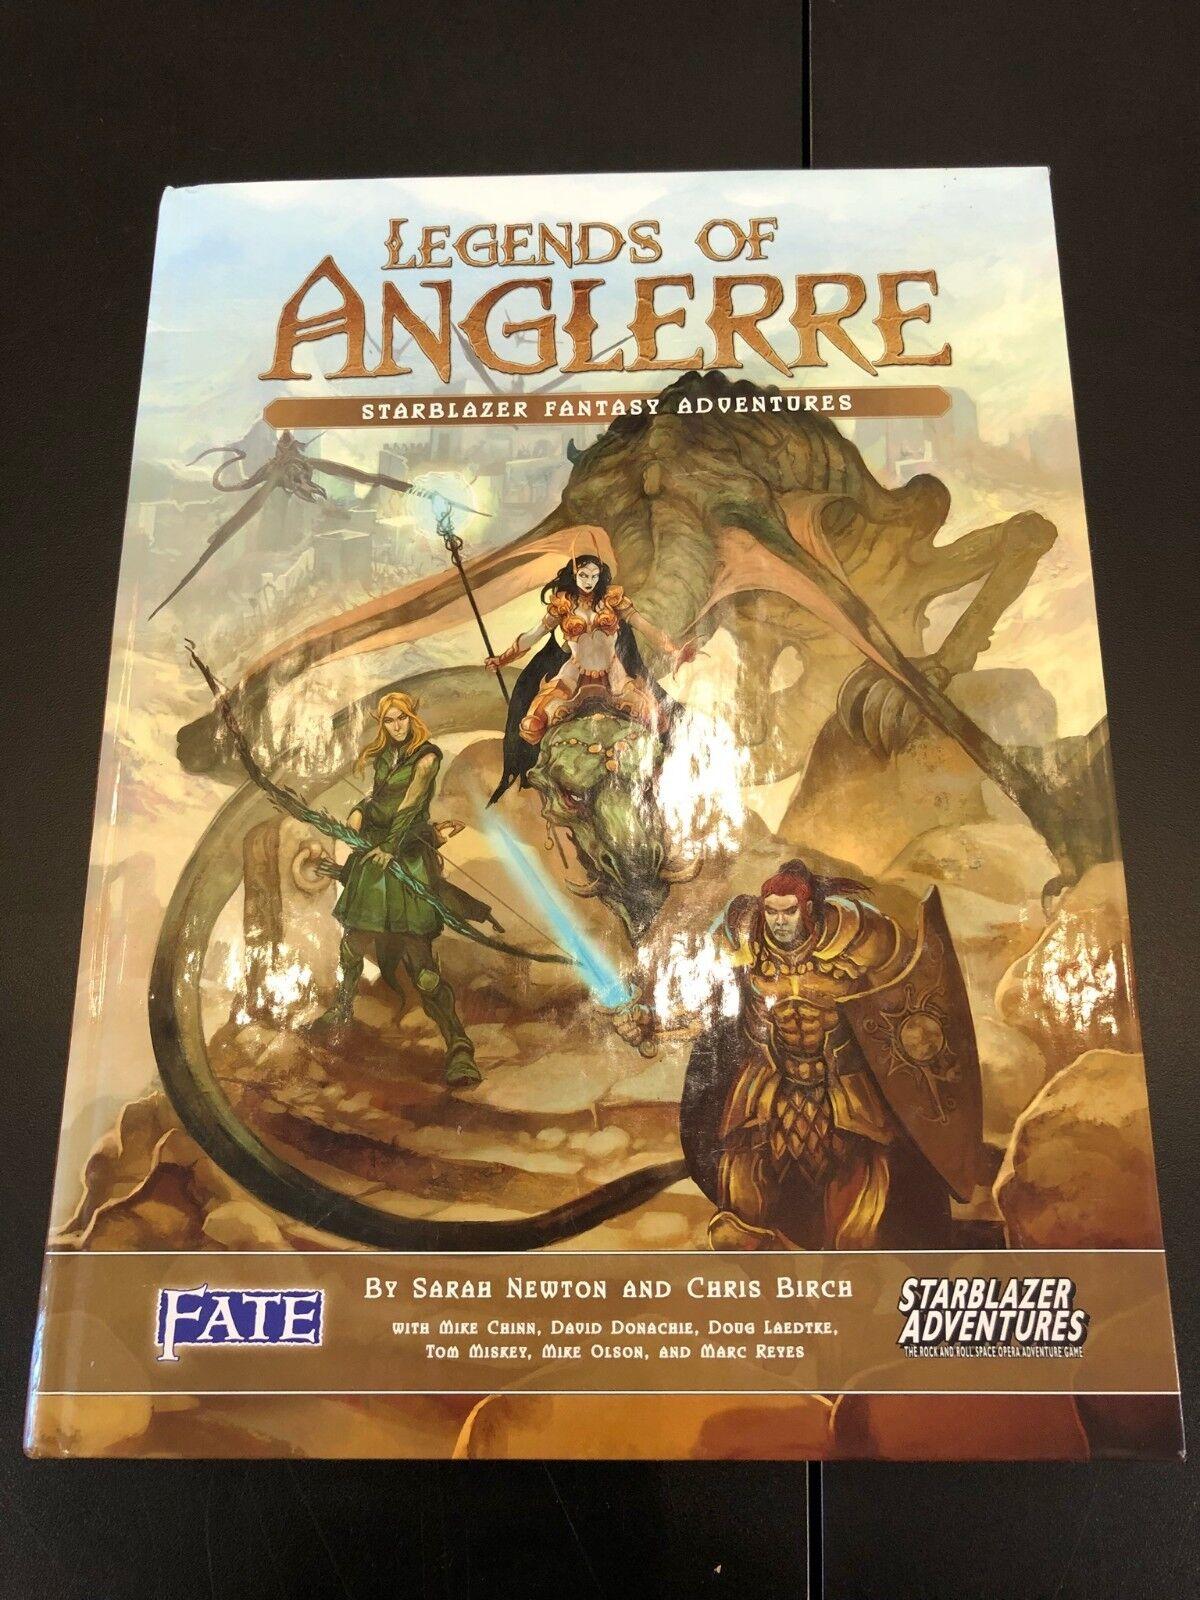 Legenden anglerre starblazer fantasy - abenteuern 2010 kabine sieben